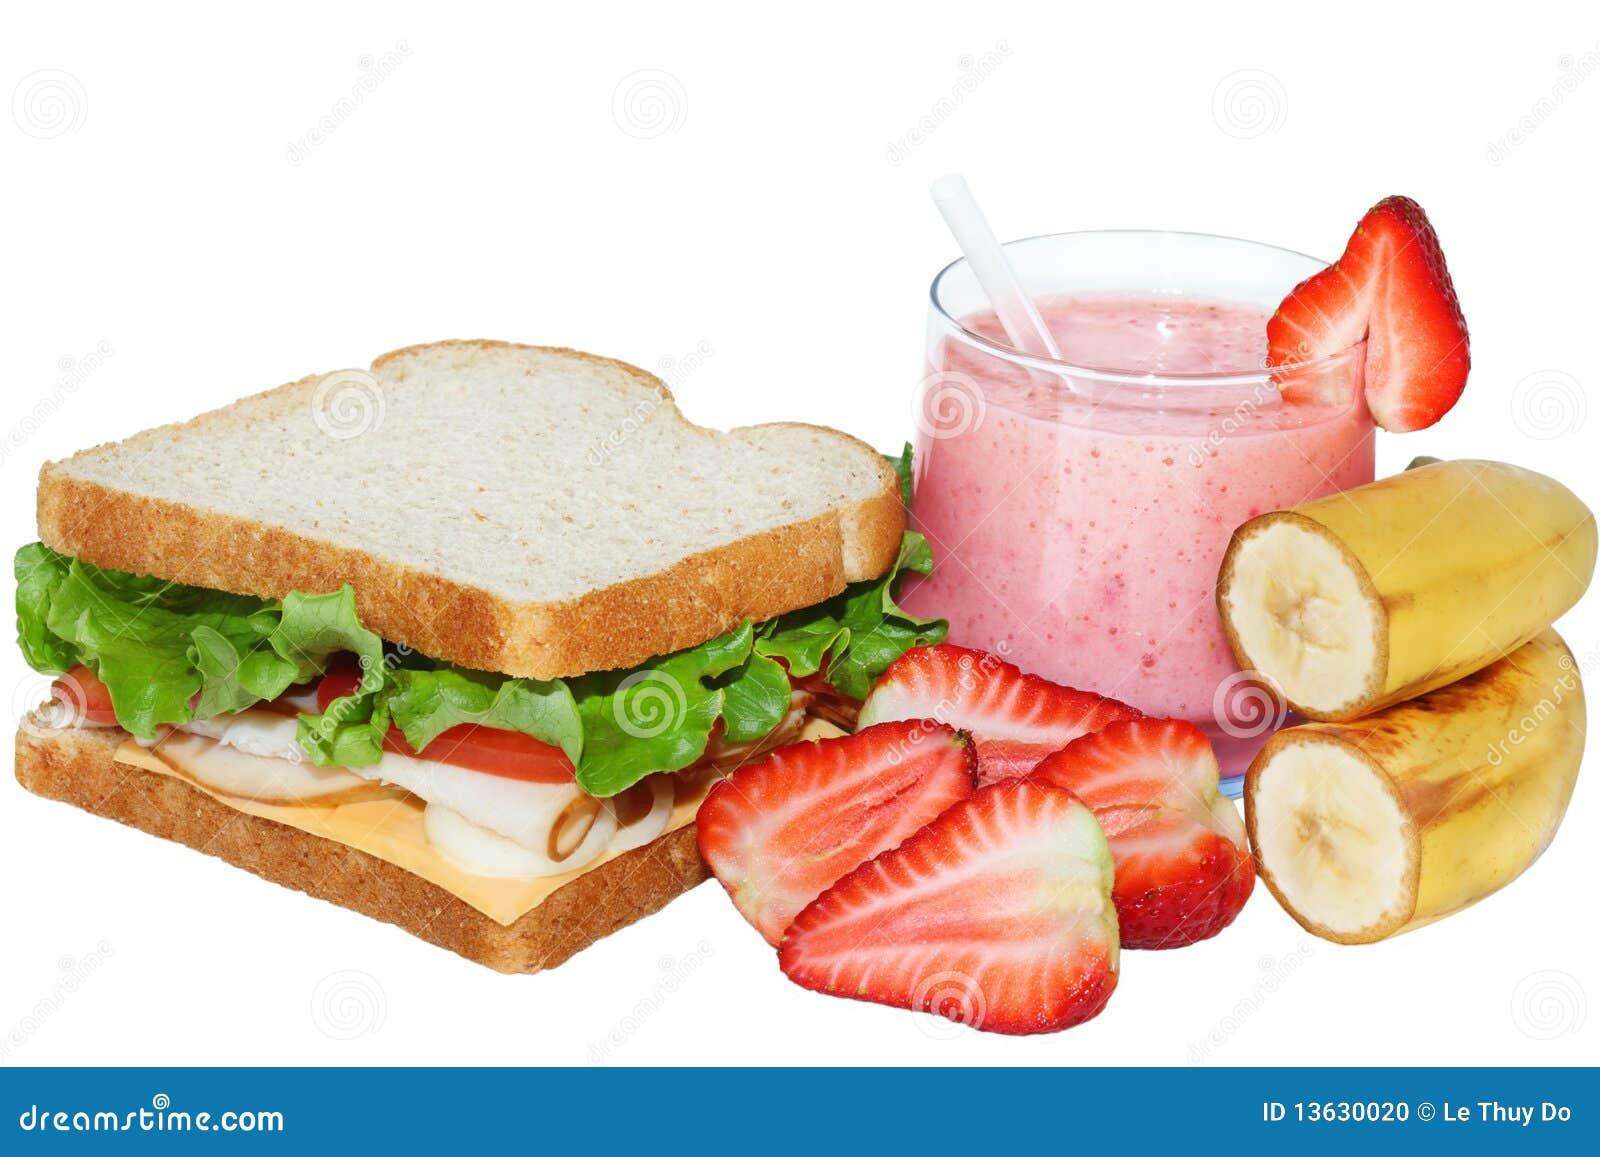 Healthy Food Kids Art